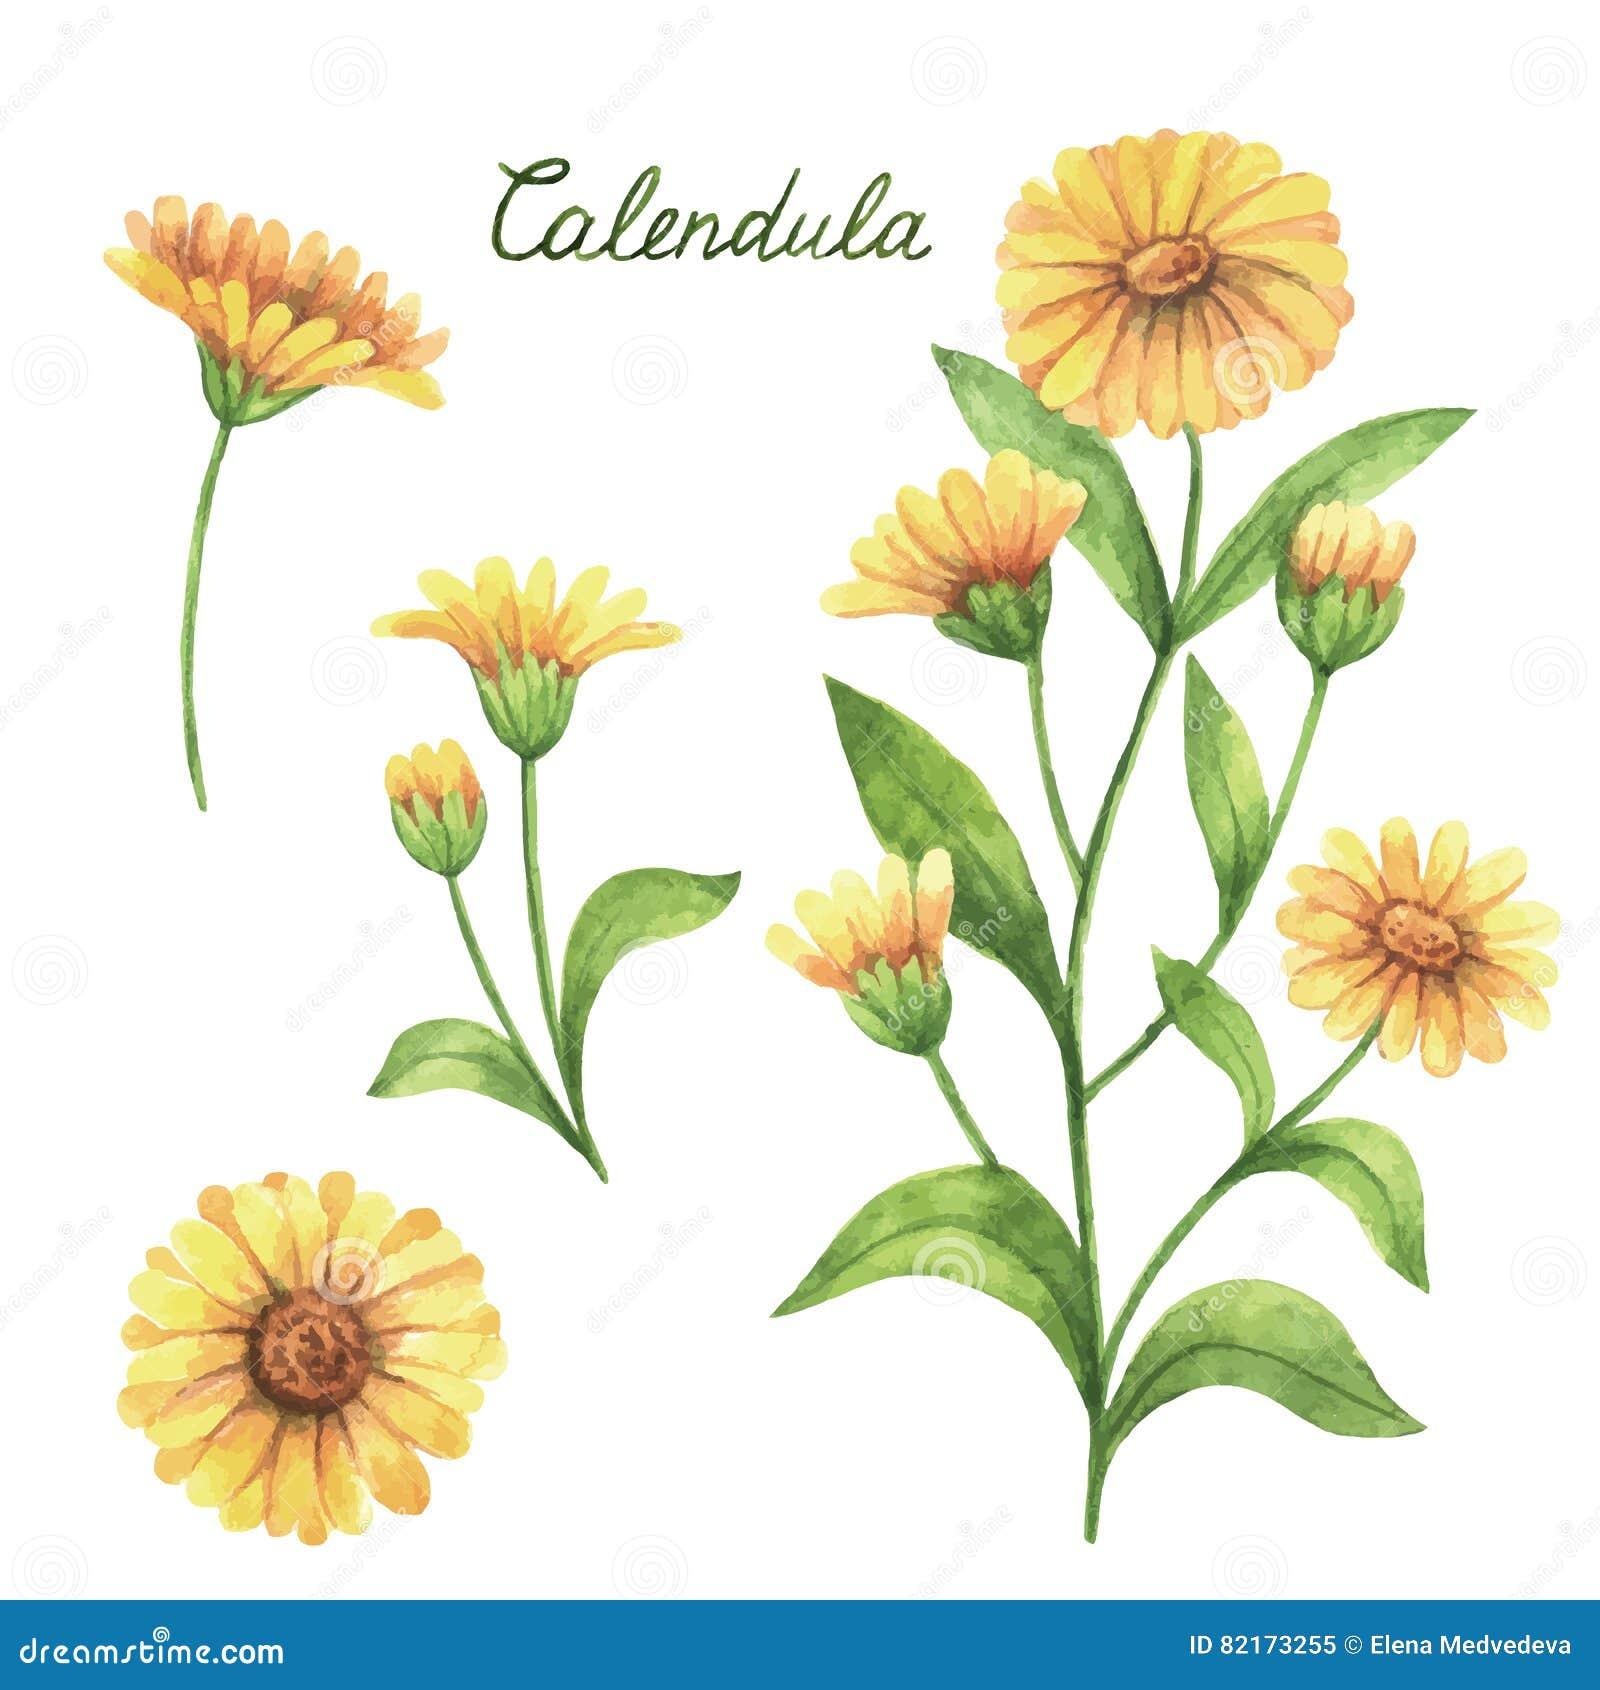 Entregue a vetor tirado da aquarela a ilustração botânica do calendula, cravo-de-defunto